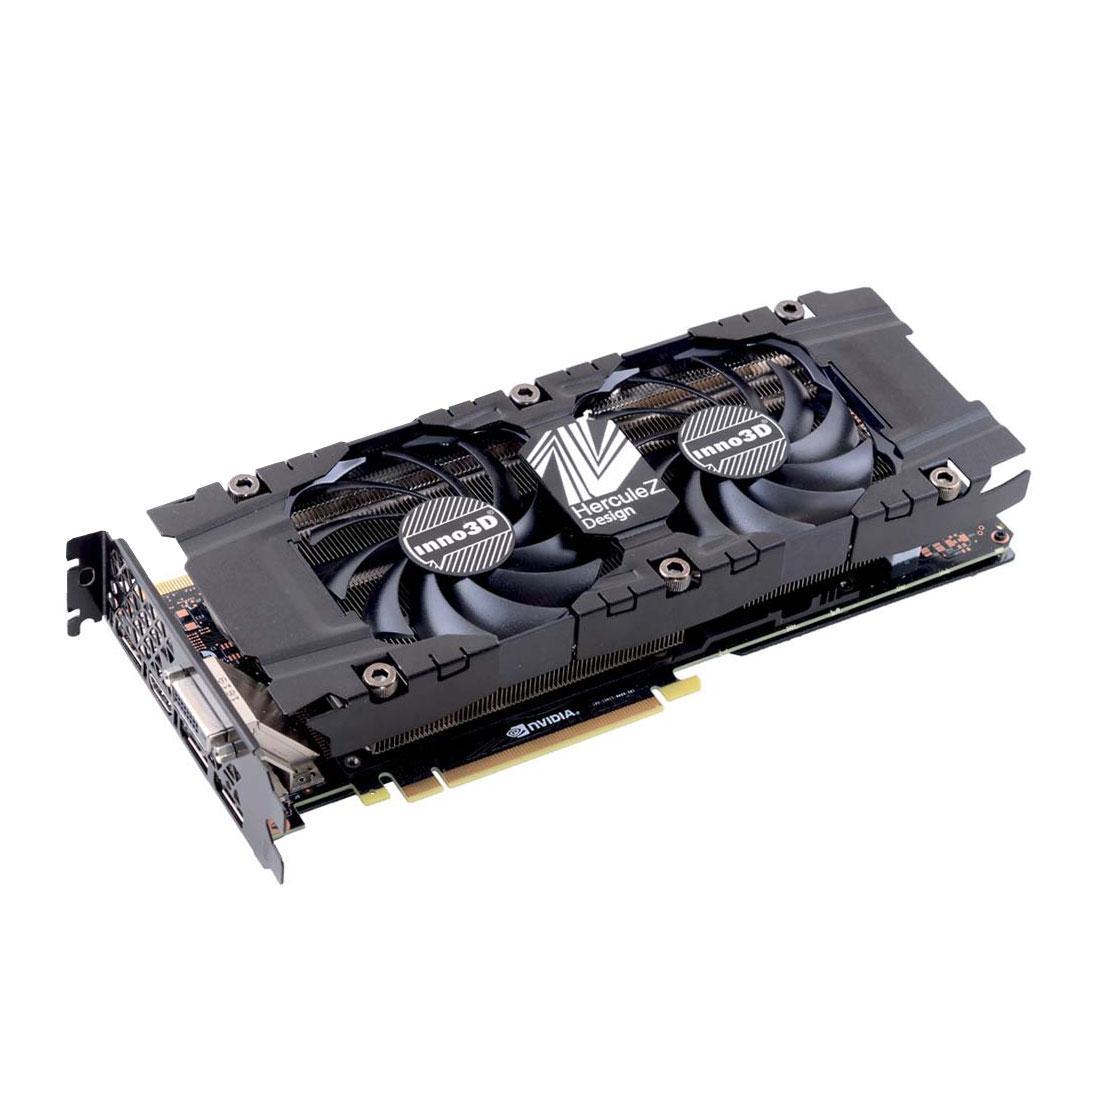 Sélection de cartes graphiques Inno3D en promotion - Ex : Inno3D GeForce GTX 1080 Ti TWIN X2 + For Honor ou Ghost Recon